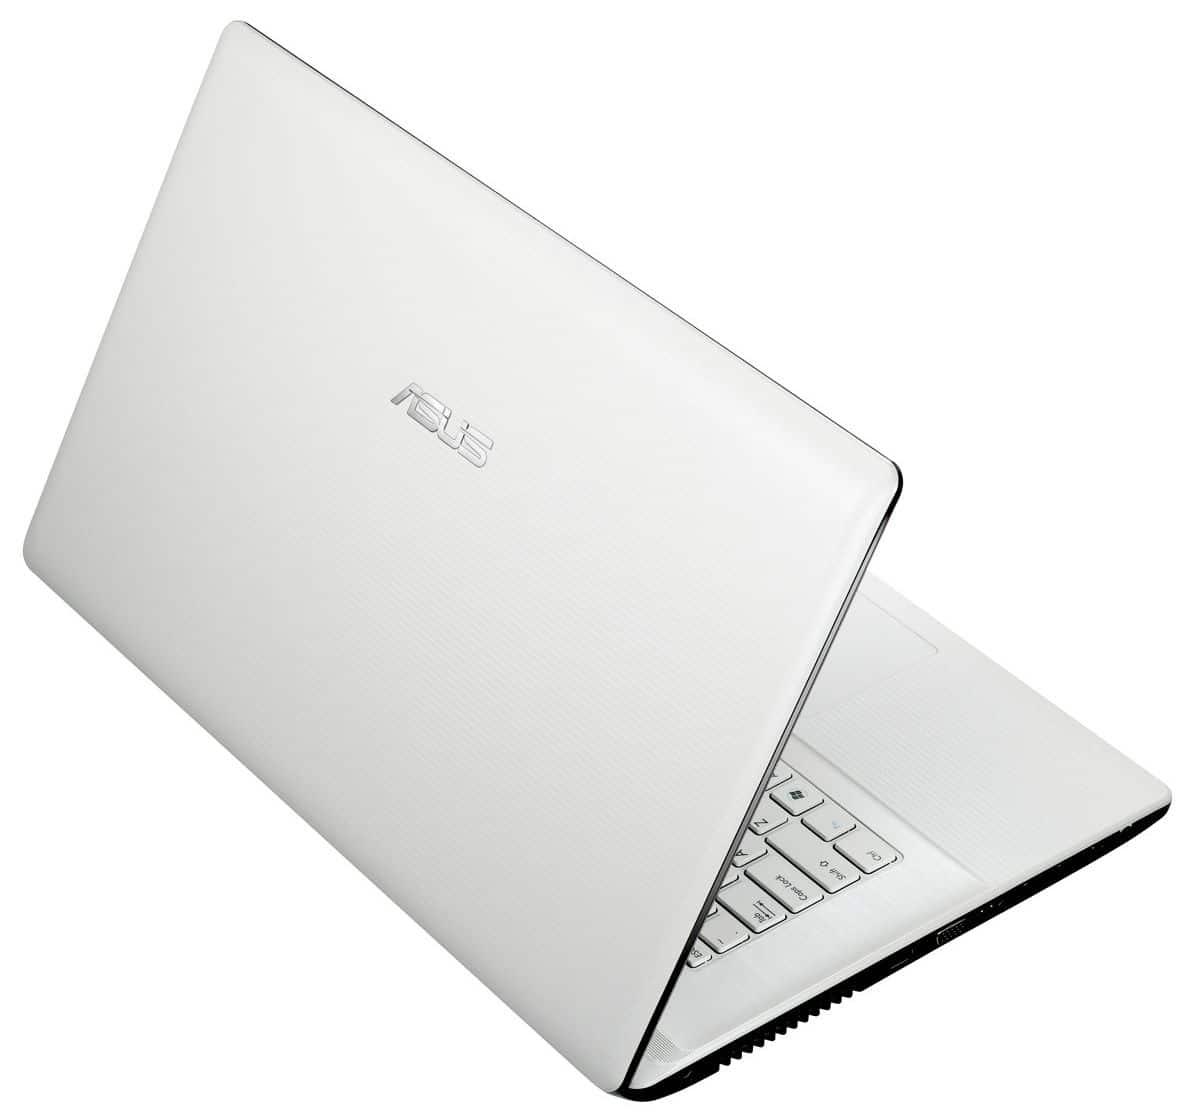 """Asus X75VC-TY152H, 17.3"""" polyvalent avec Core i3 Ivy Bridge, GT 720M, 1000 Go à 549€"""